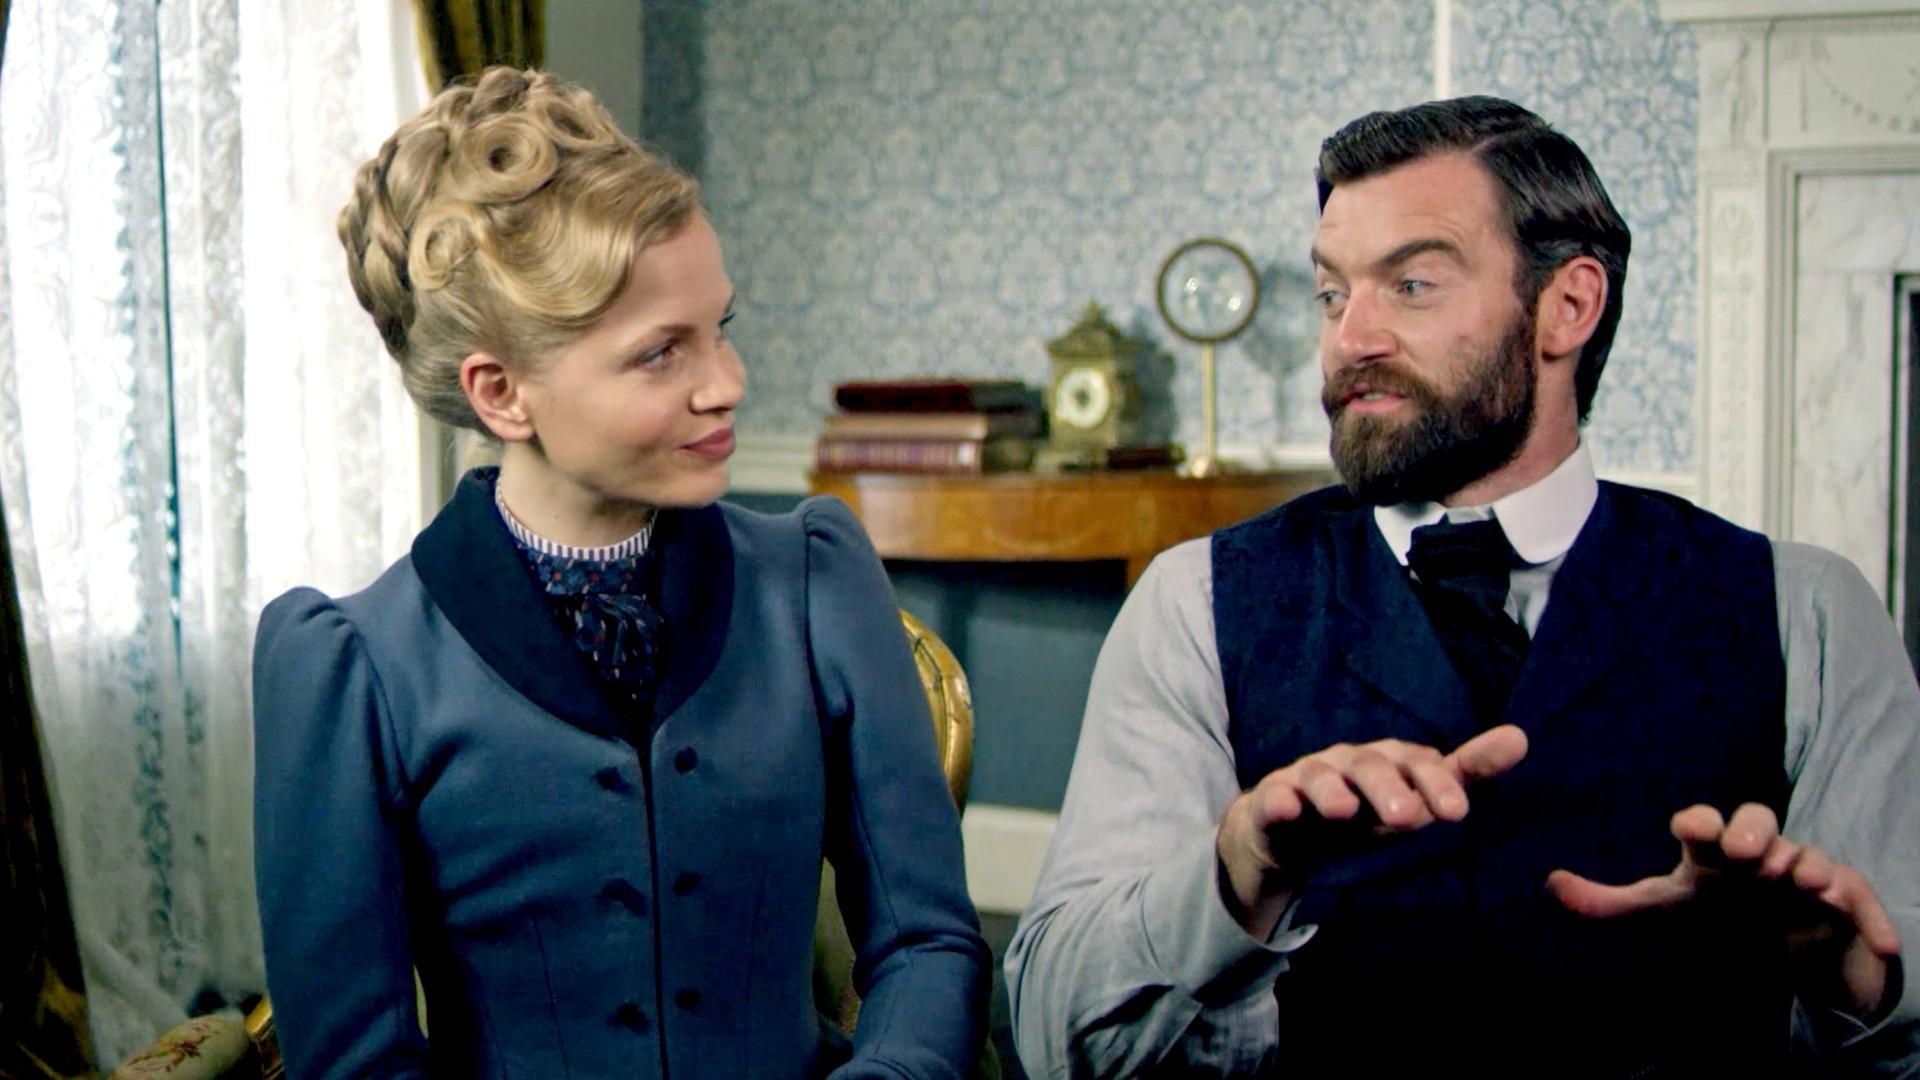 Eliza and William